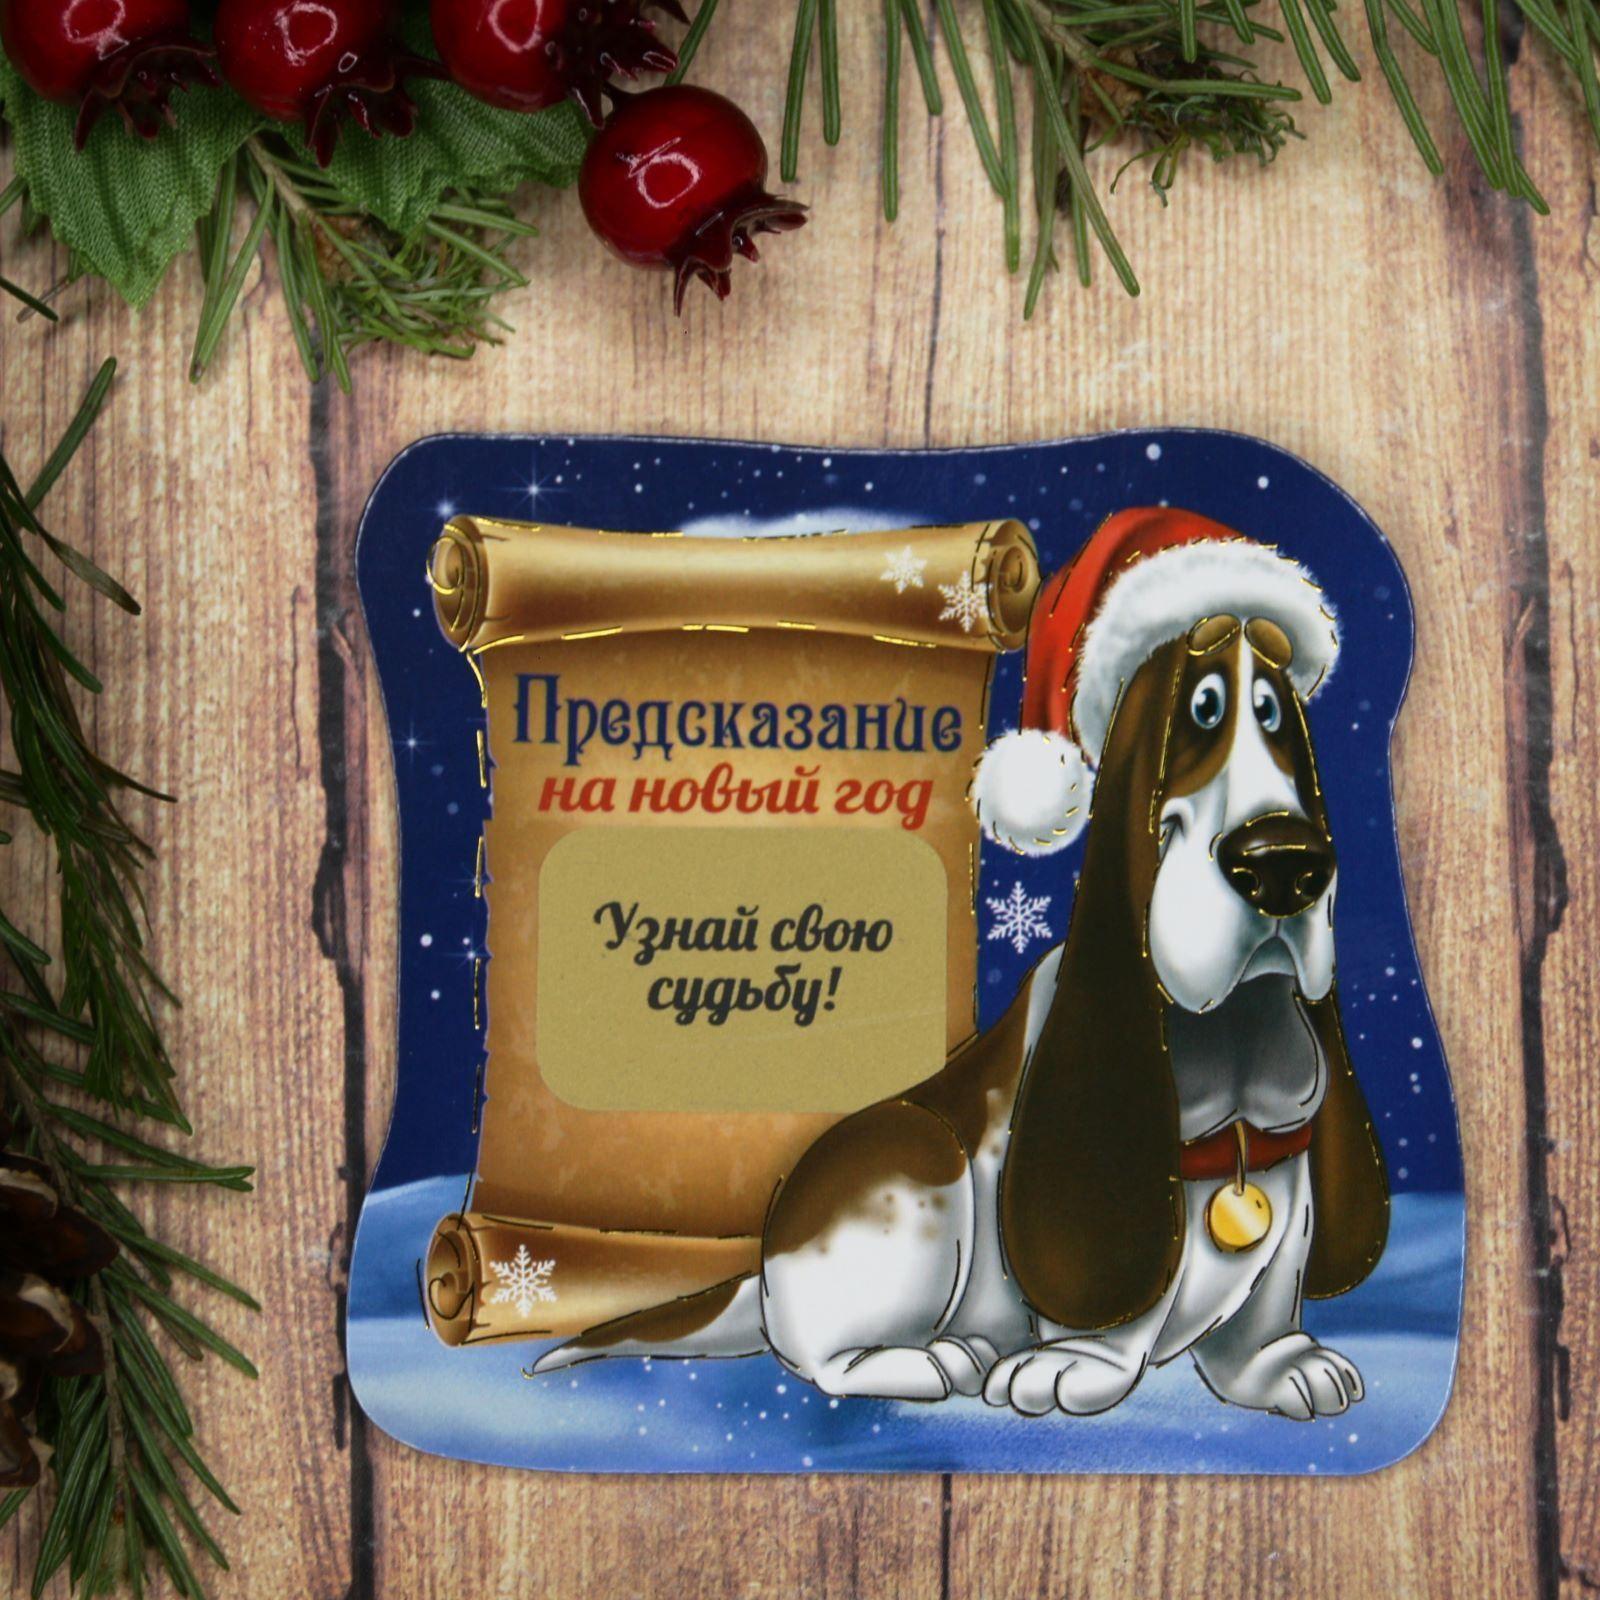 Магнит Sima-land Предсказание на Новый год, со скретч-слоем, 8 х 7,6 см1989274Порадуйте родных и близких оригинальным сувениром: преподнесите в подарок магнит. С ним даже самый серьёзный человек почувствует себя ребёнком, ожидающим чудо! Создайте праздничное настроение, и оно останется с вами на весь год.